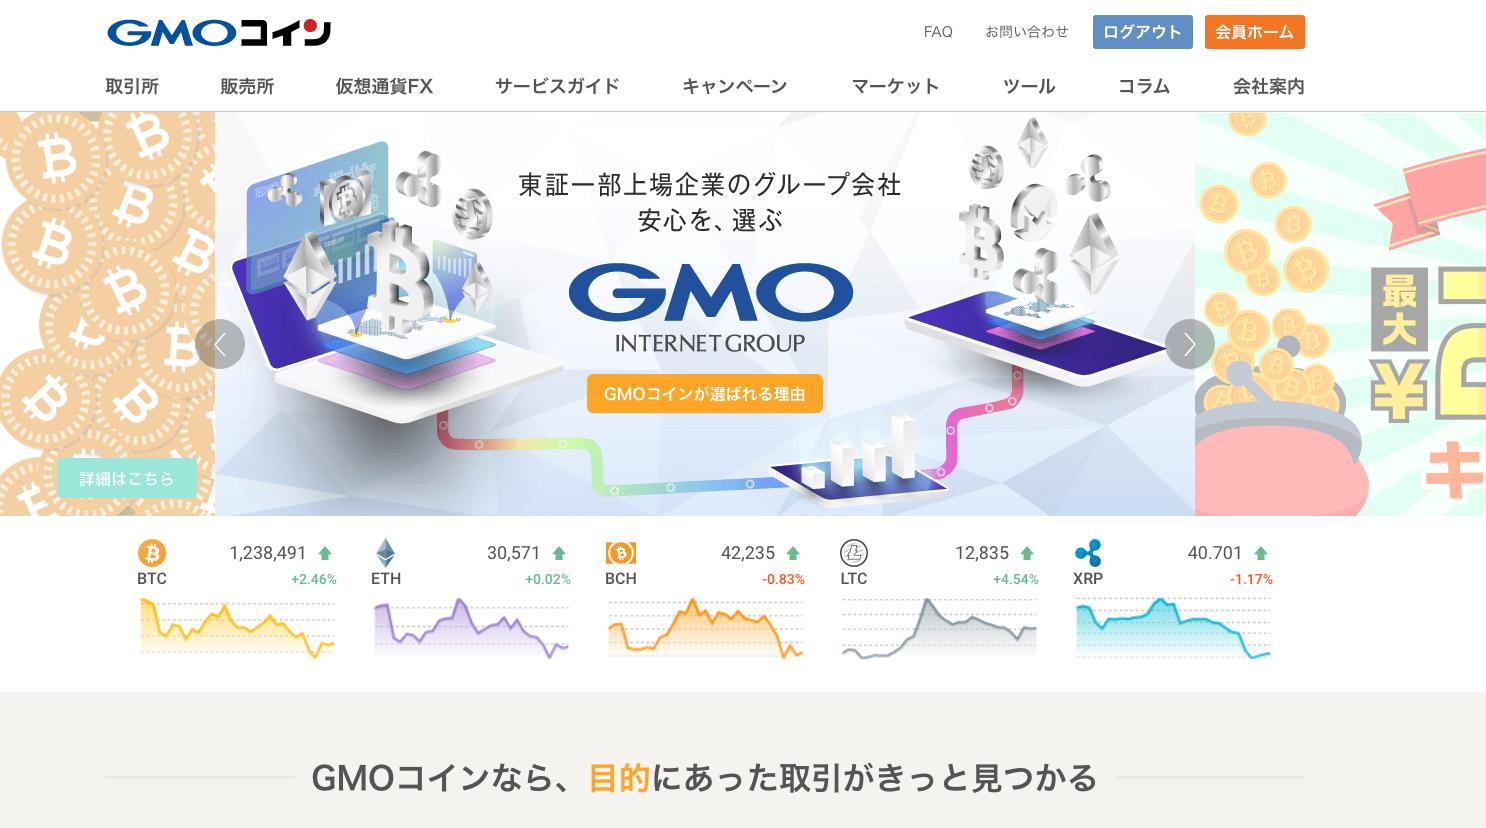 GMOコインで仮想通貨を購入